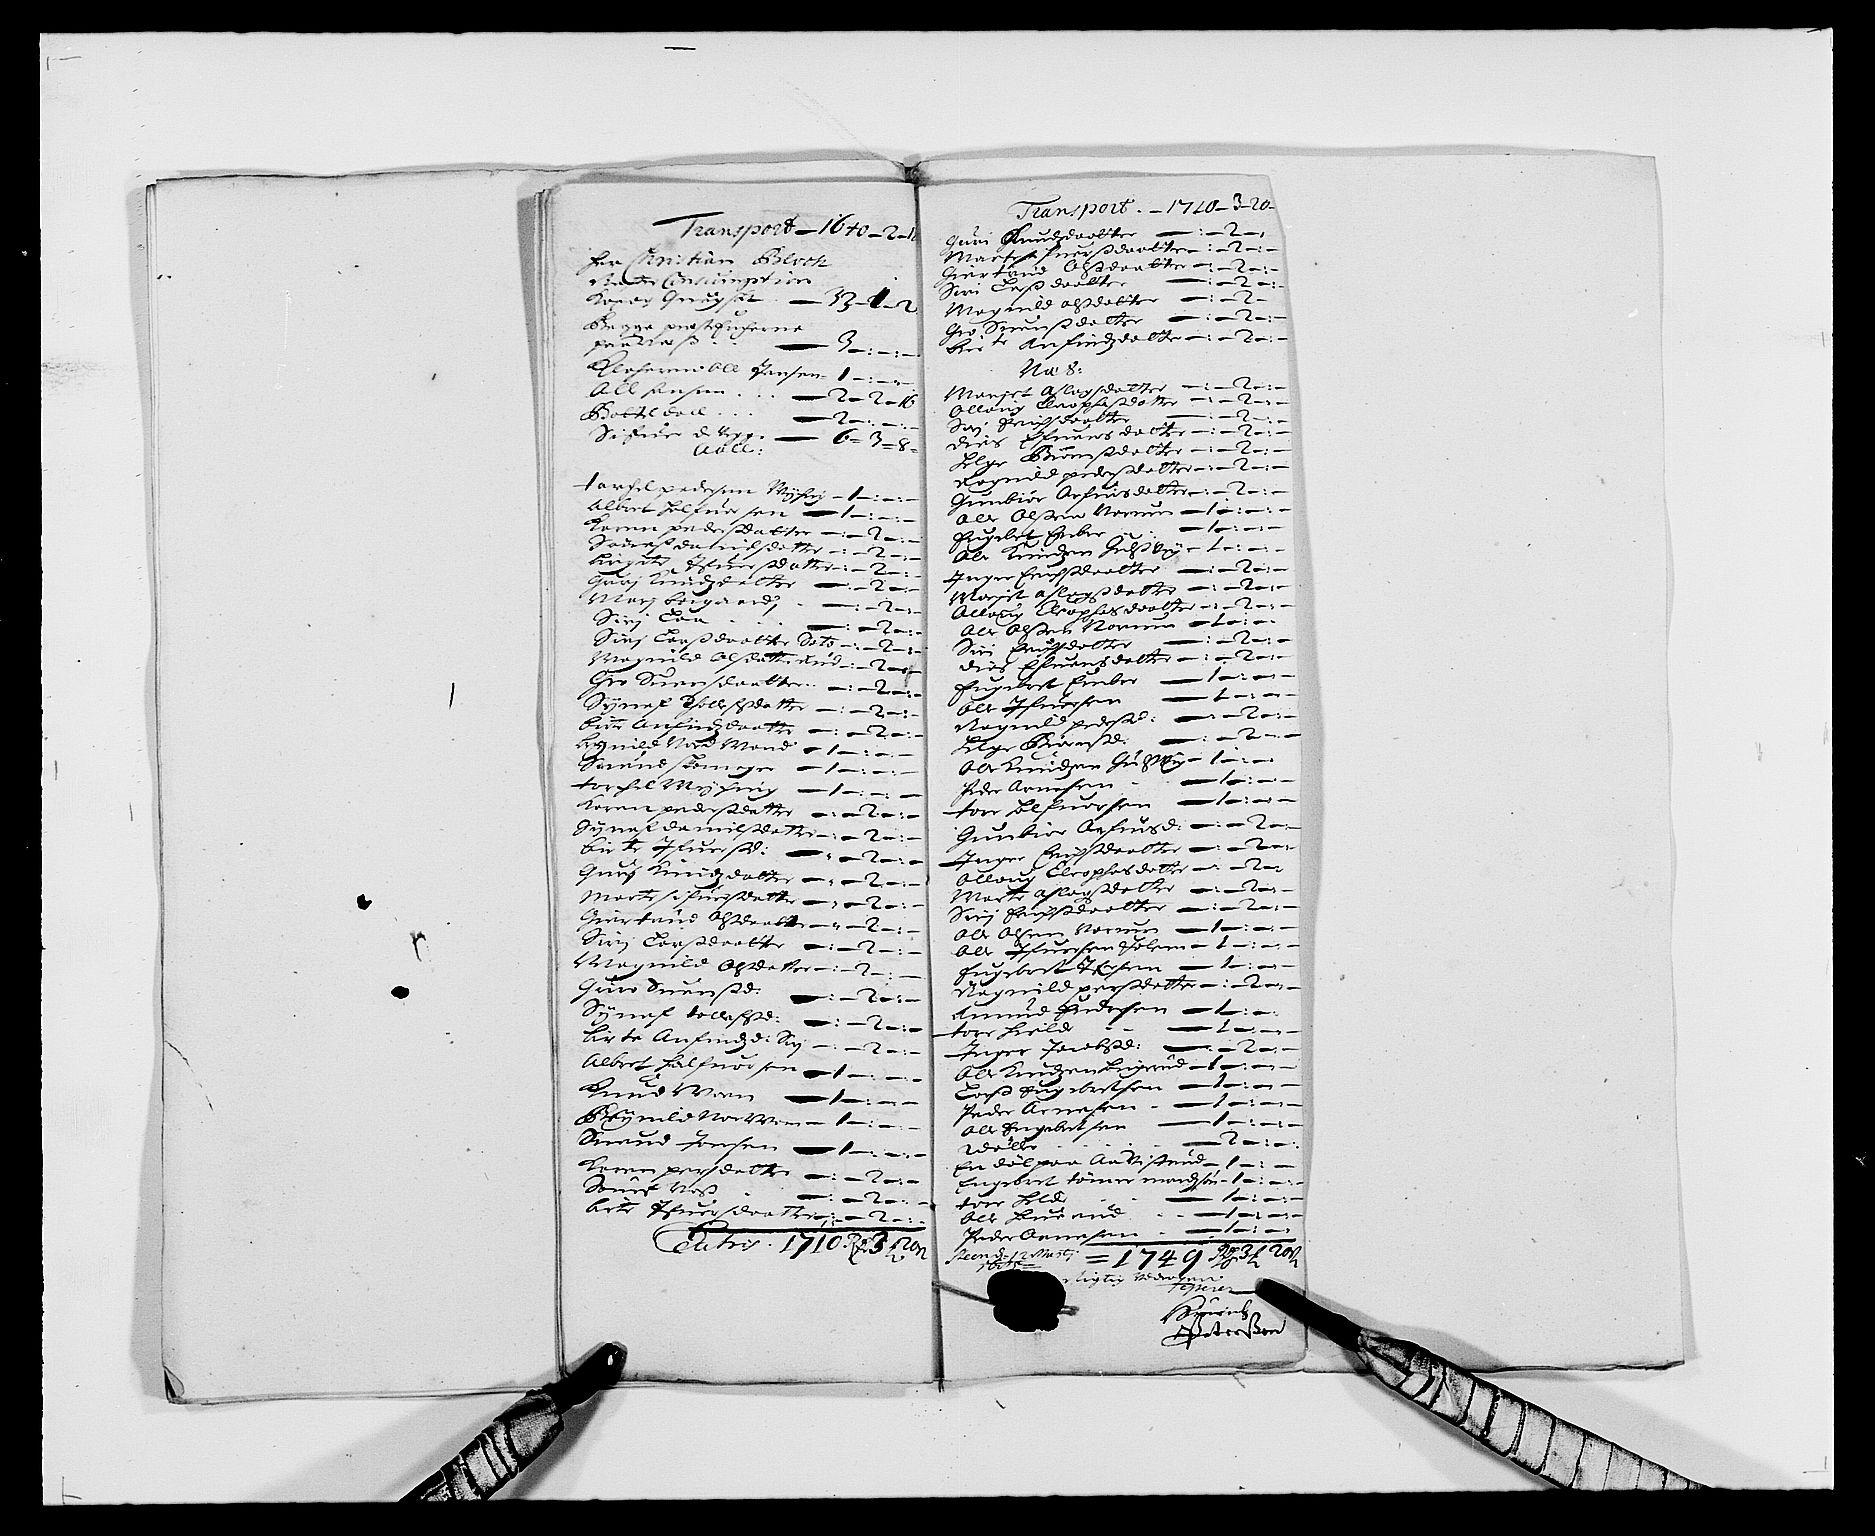 RA, Rentekammeret inntil 1814, Reviderte regnskaper, Fogderegnskap, R21/L1446: Fogderegnskap Ringerike og Hallingdal, 1683-1686, s. 169